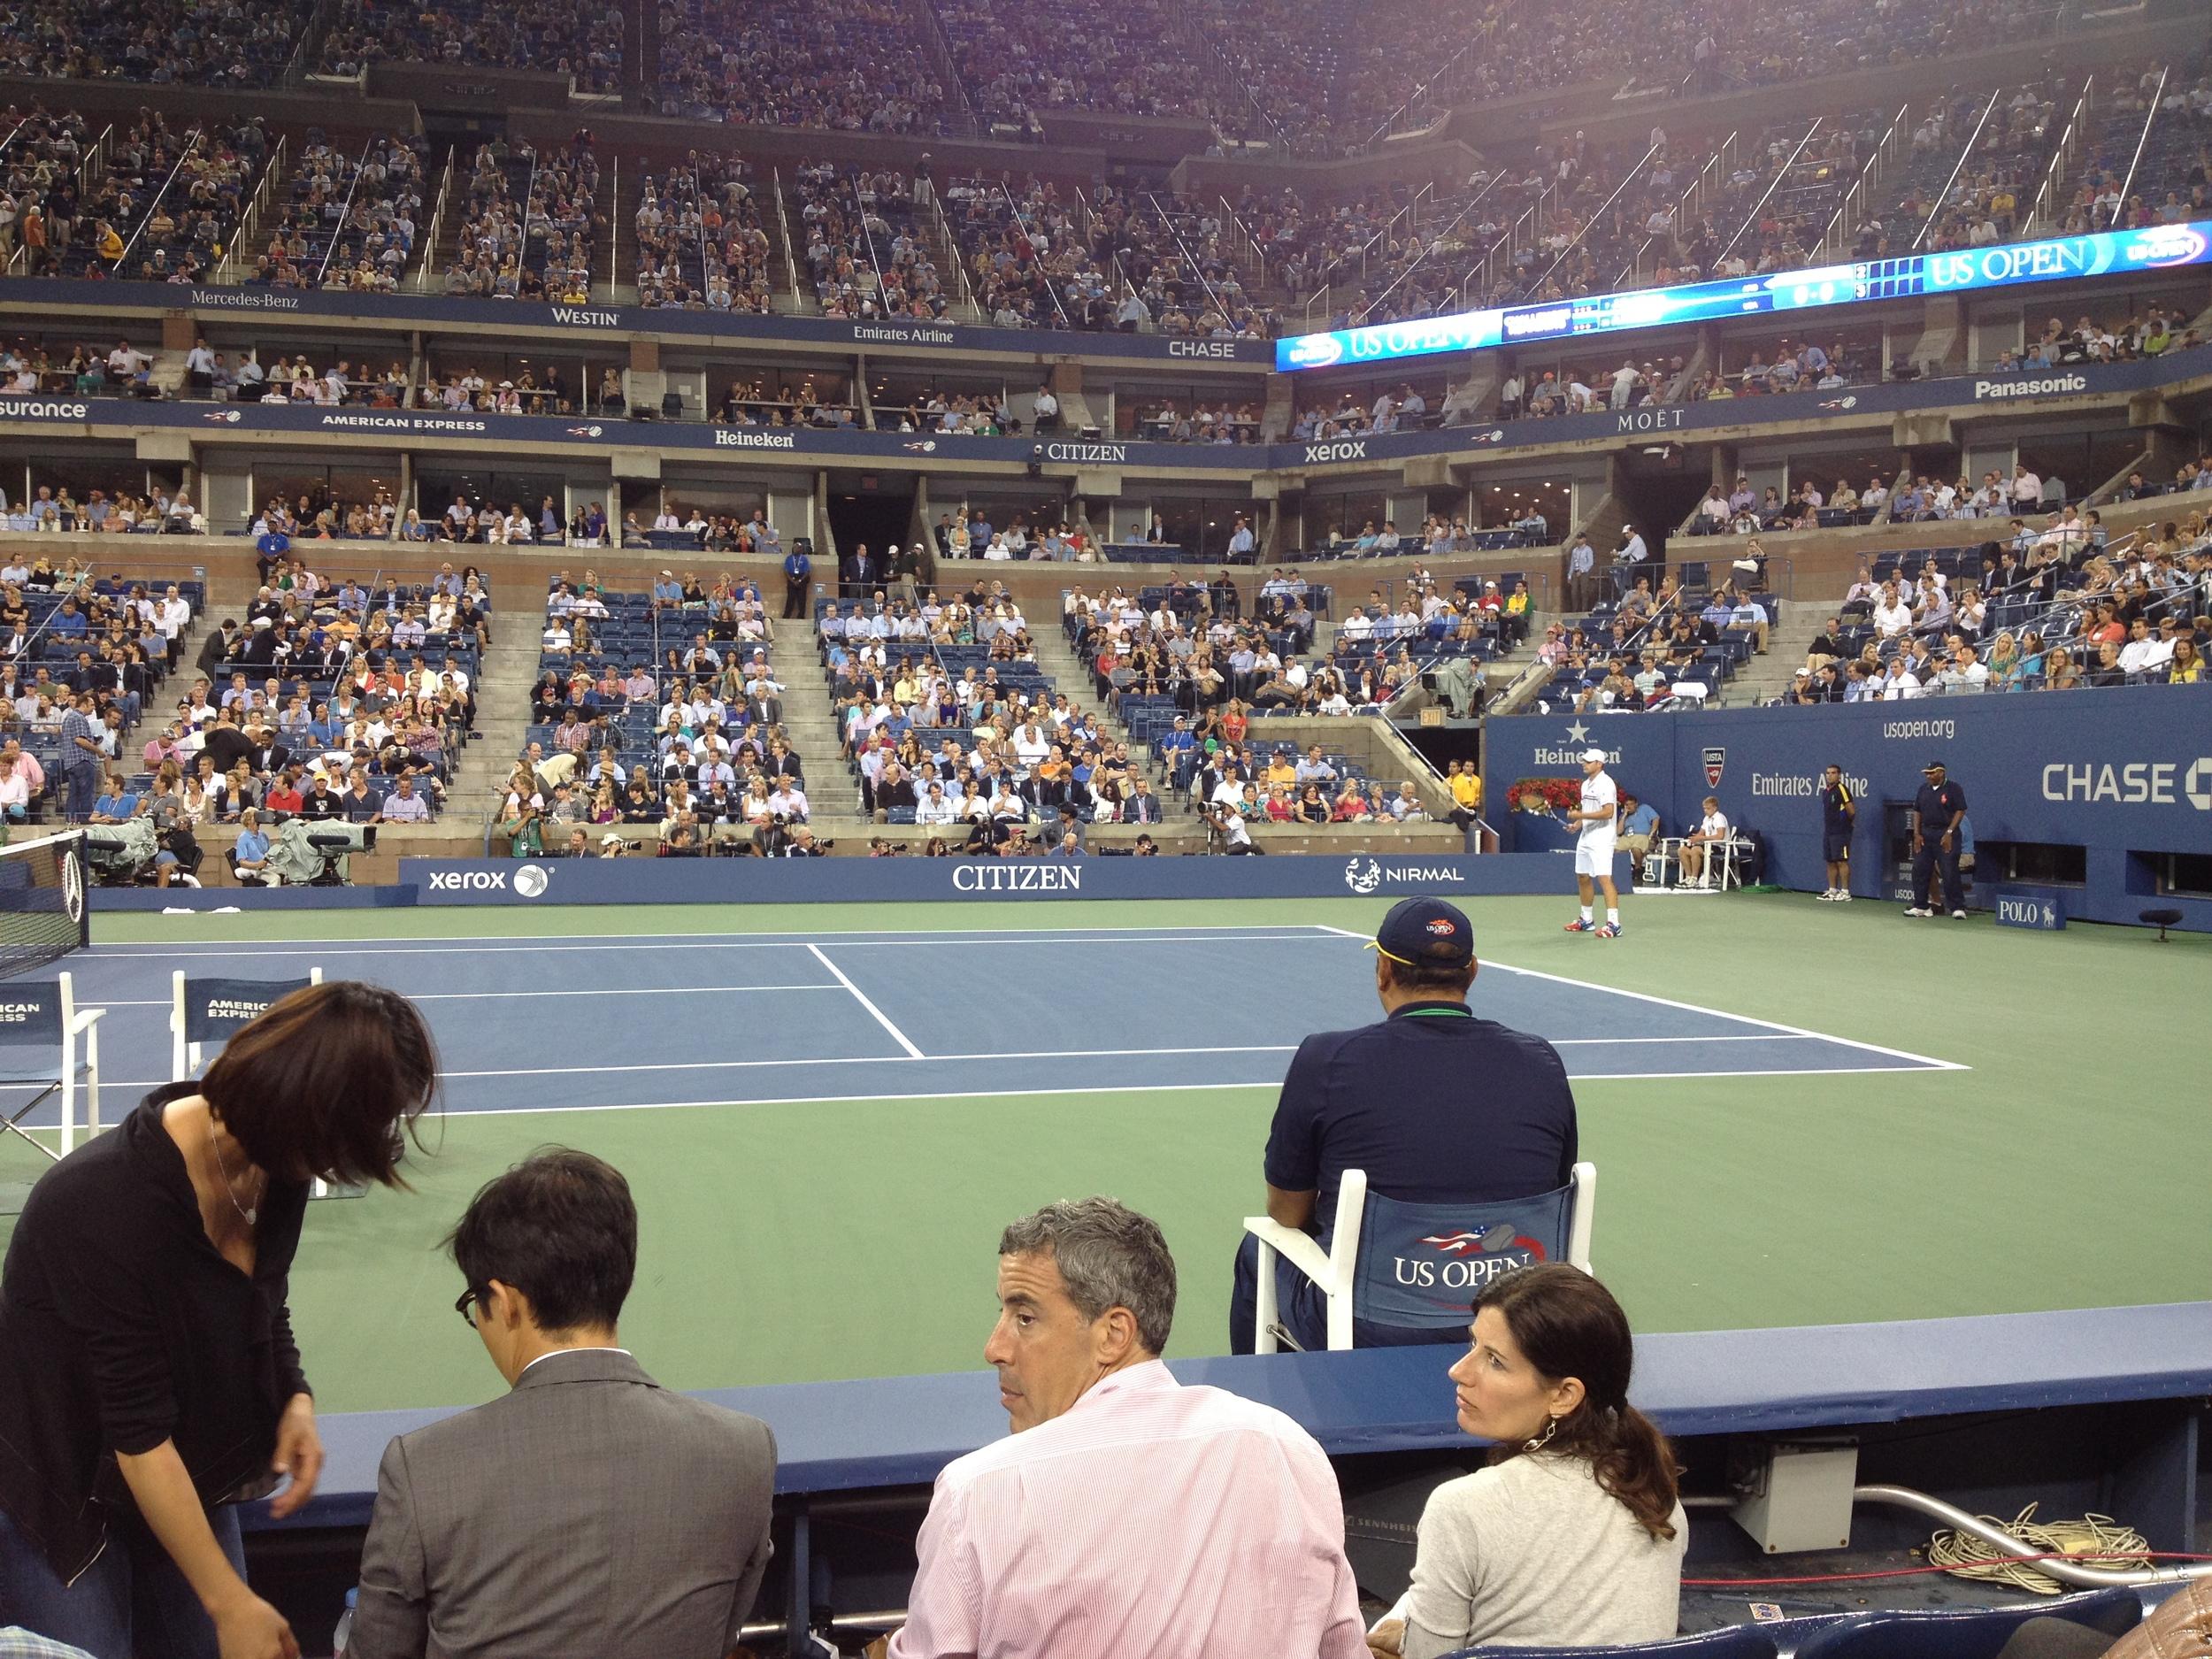 Au plus près du court pour l'US Open